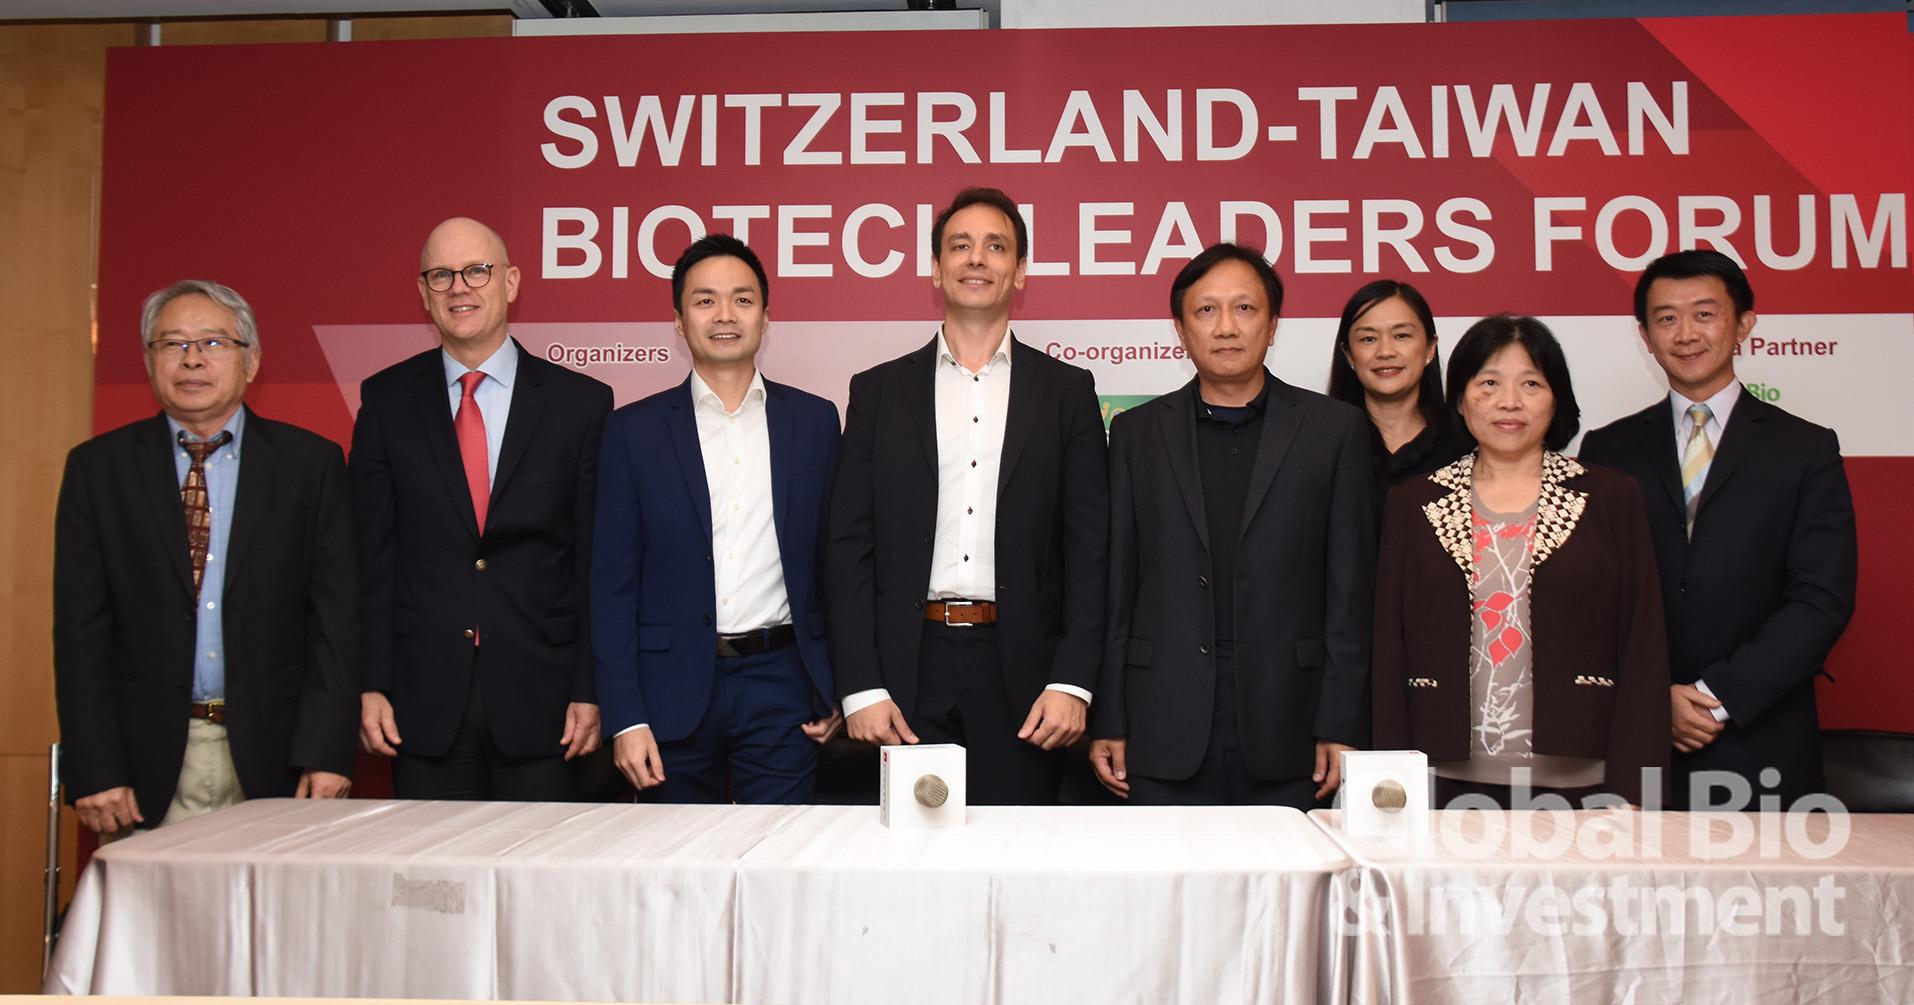 「2018瑞士台灣生技領導人論壇」 帶領台灣生醫產業前進瑞士製藥聚落。(攝影:林嘉慶)